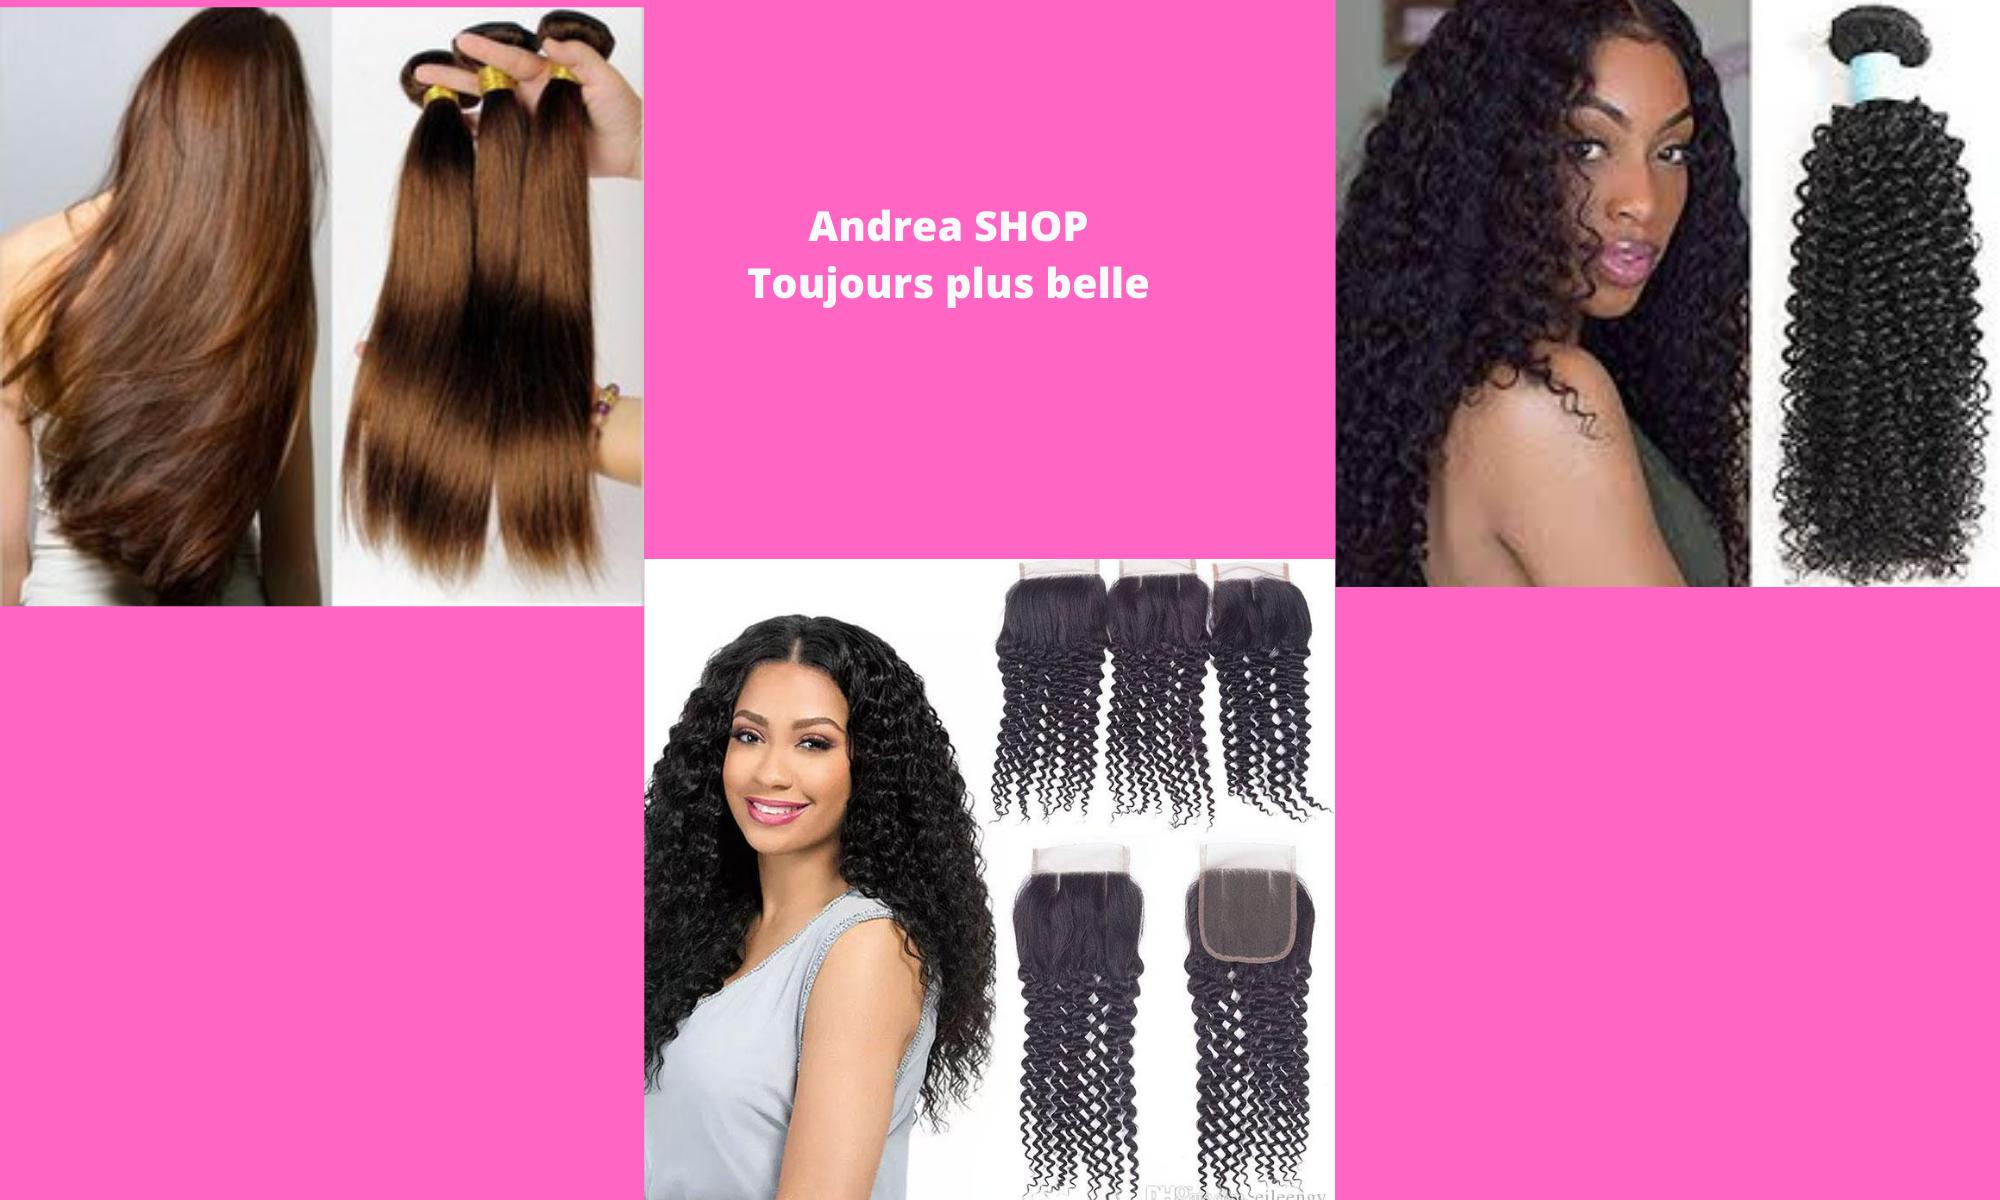 ANDREA HAIR